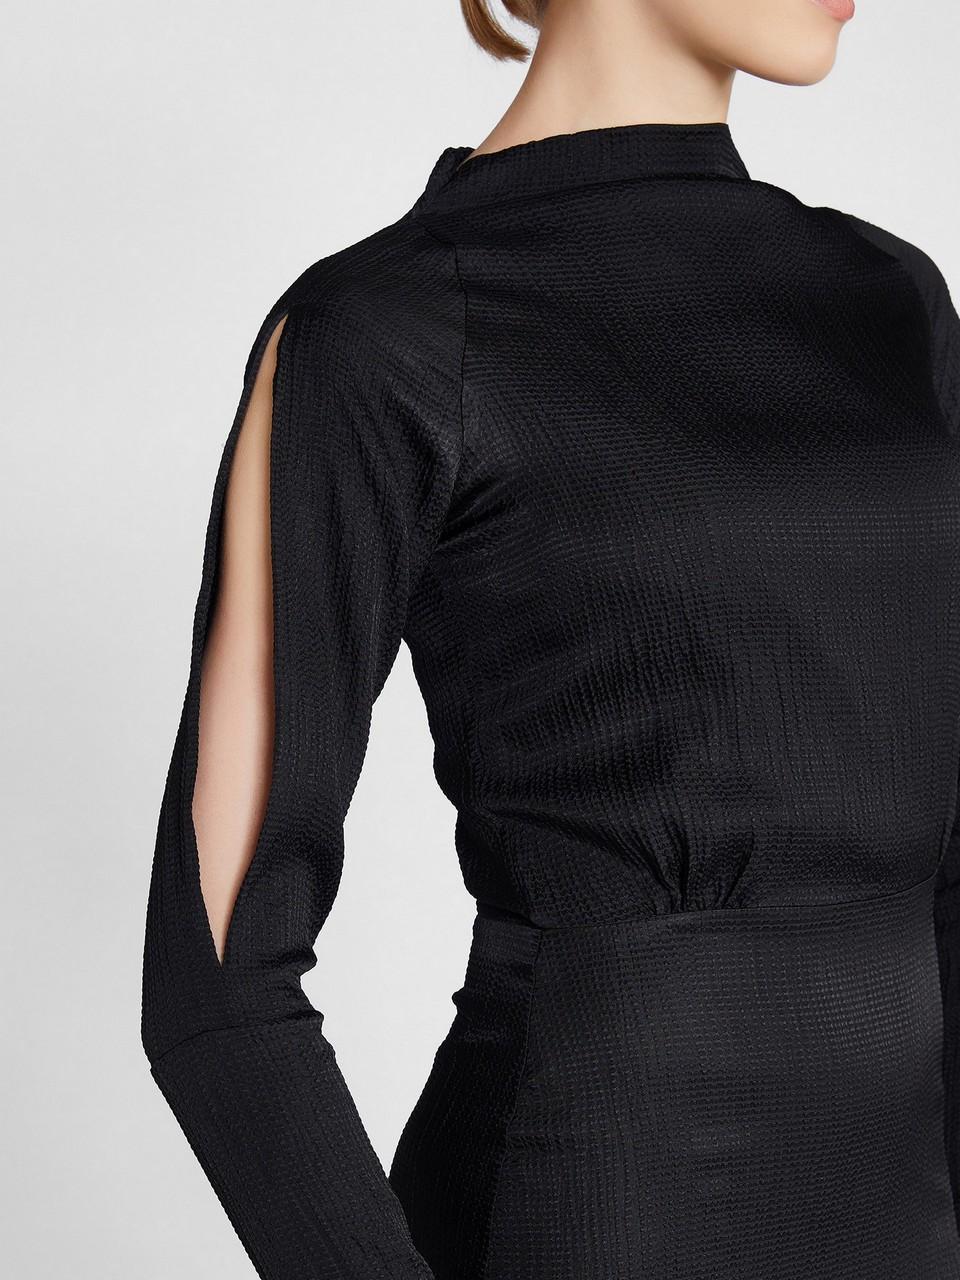 Kayık Yaka Reglan Kol Yırtmaçlı Saten Elbise